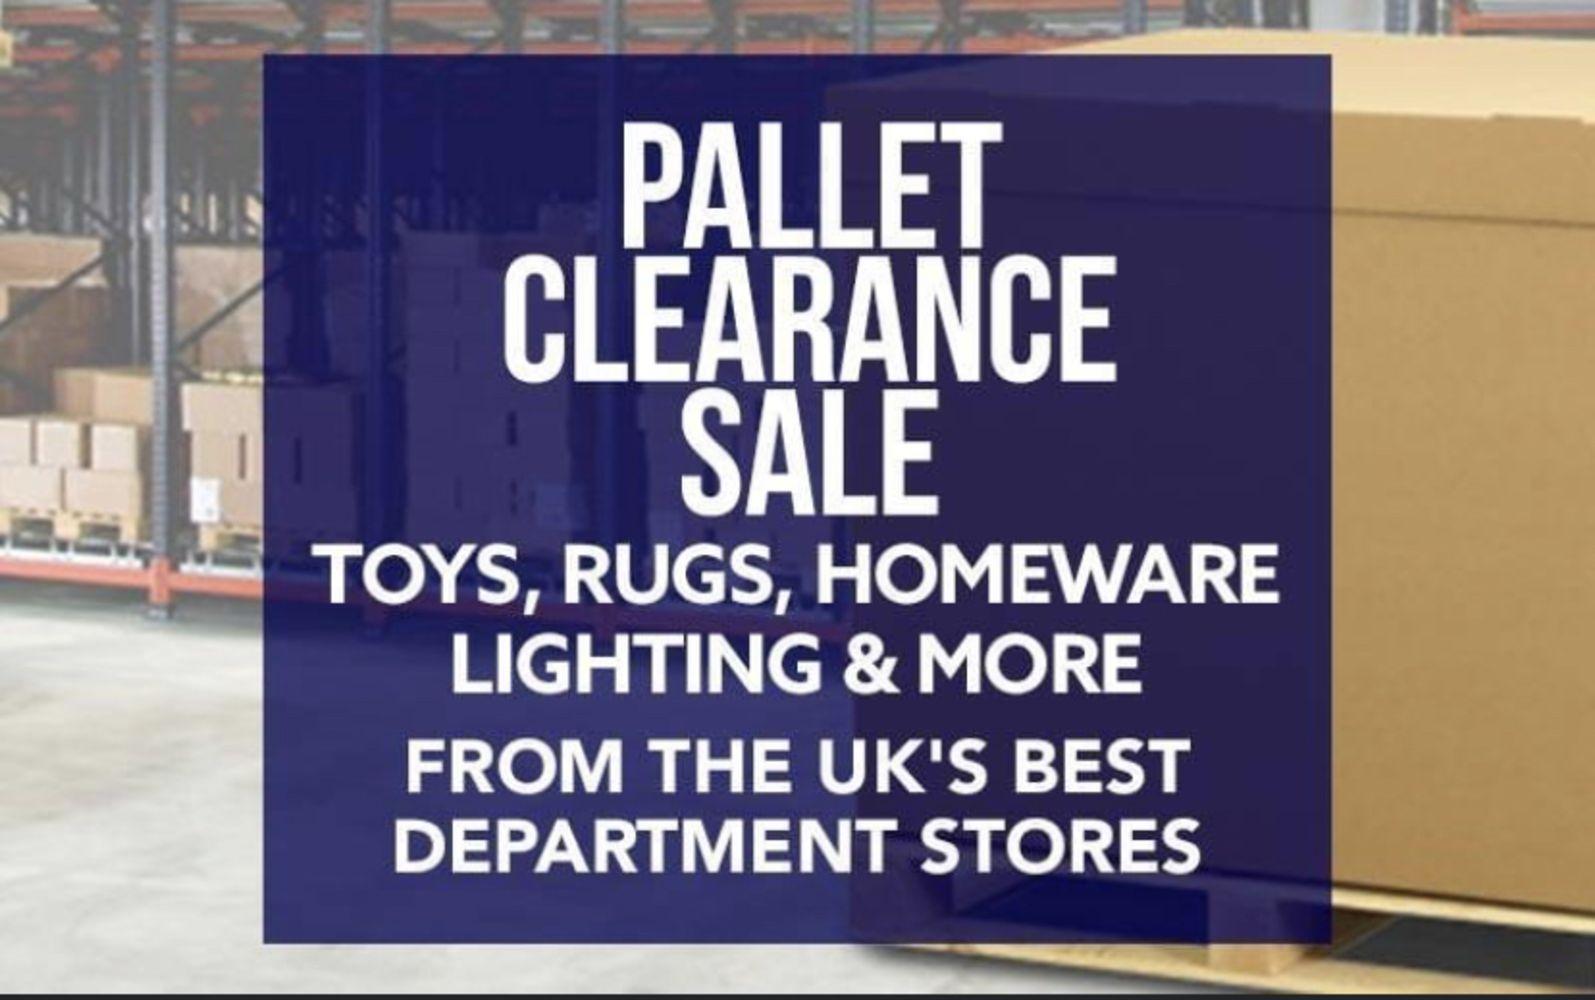 No Reserve - Pallet Clearance Sale! 8th April 2021